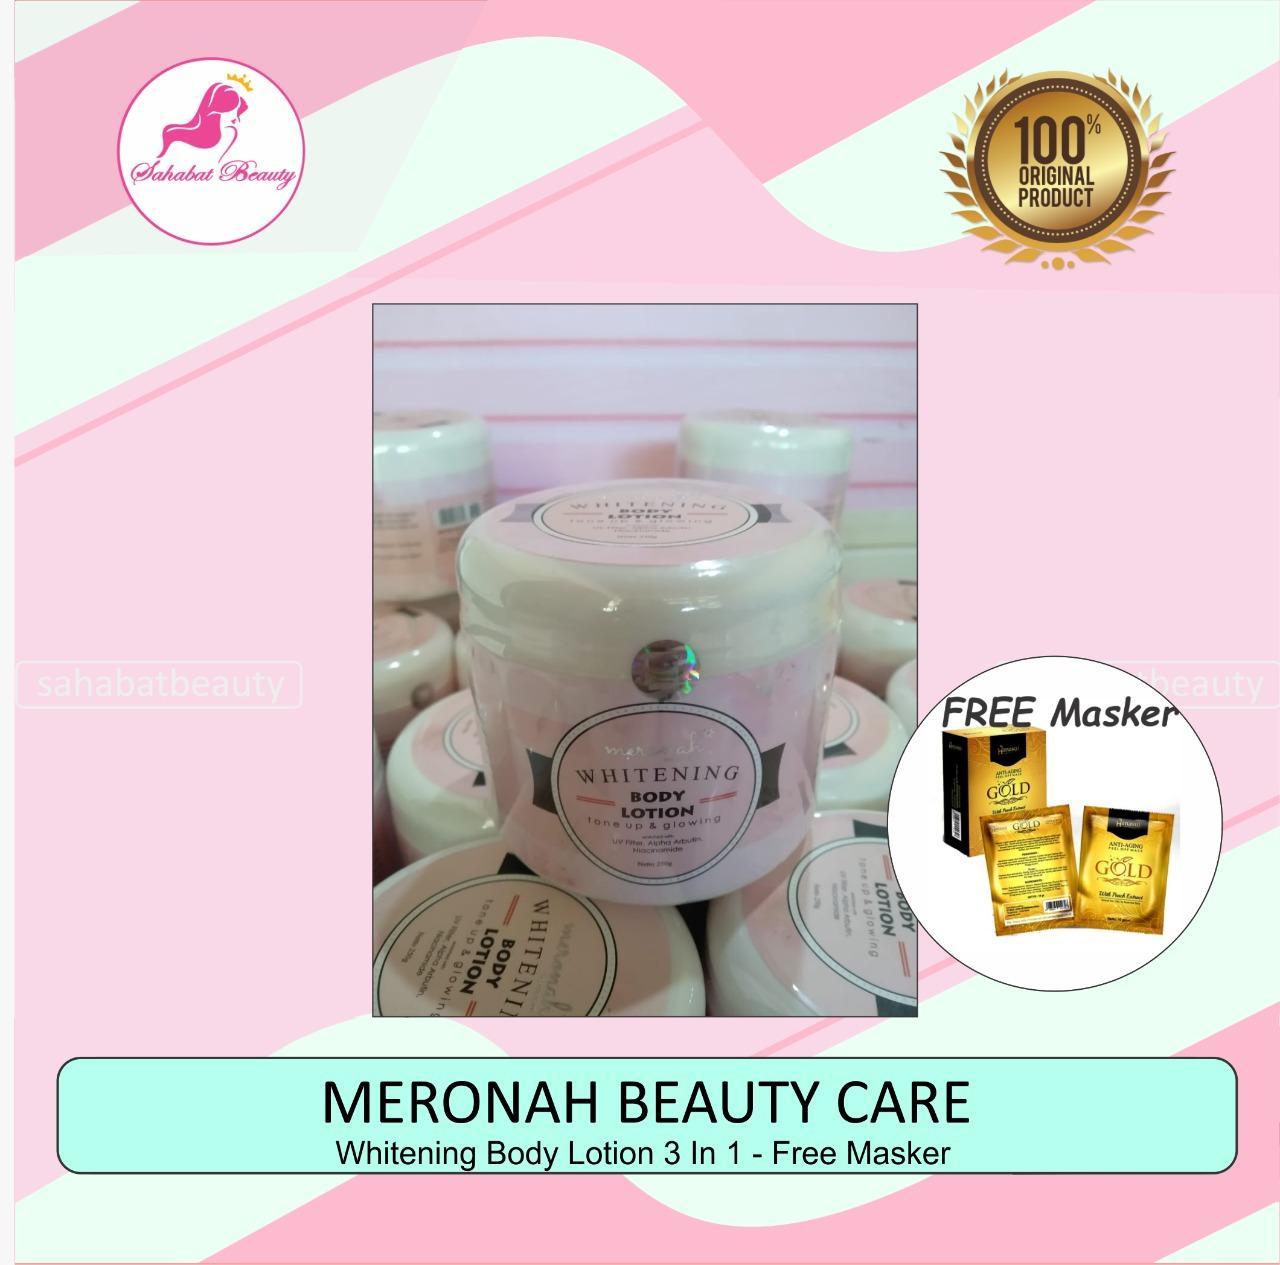 meronah body lotion whitening 3 in 1 original free masker!